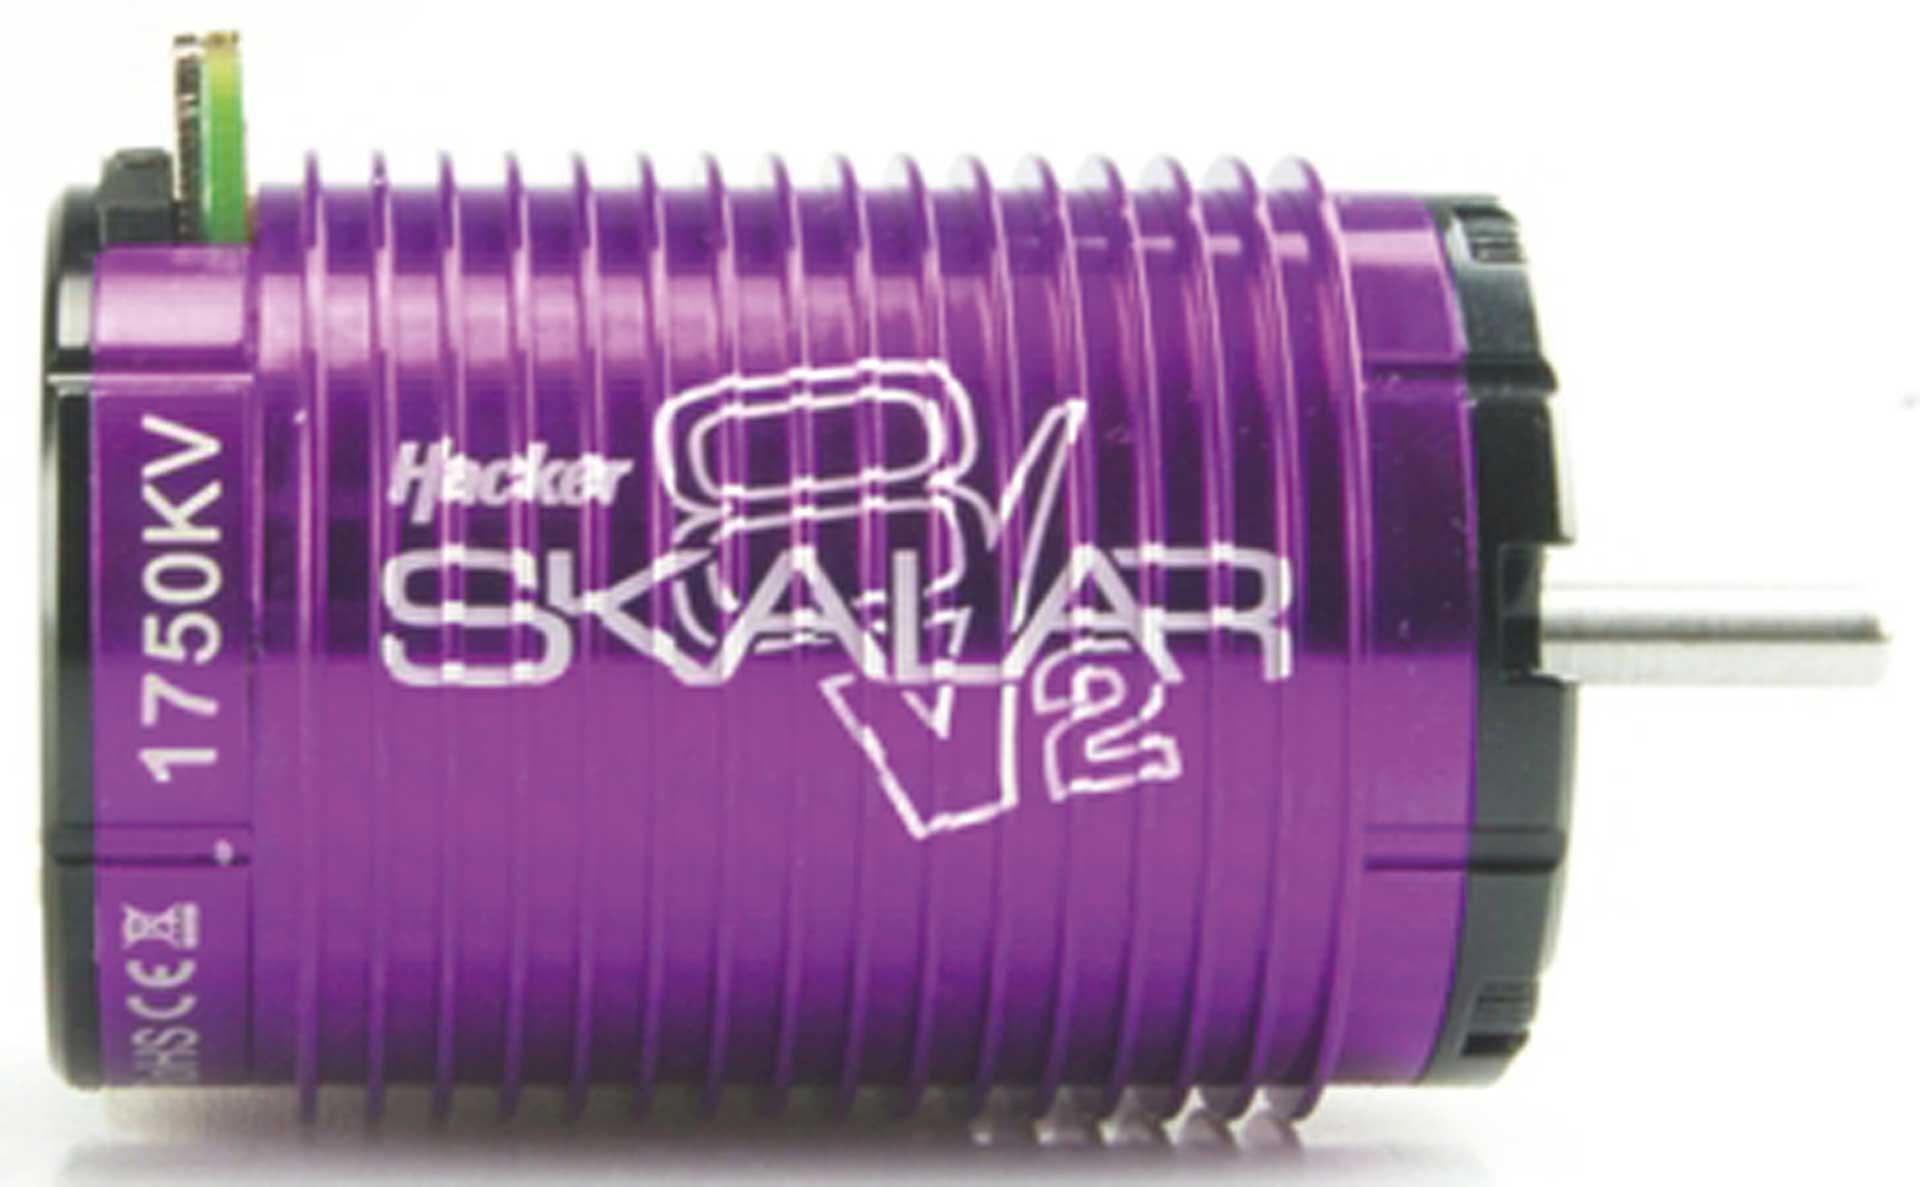 HACKER SKALAR 8-V2 1750 Sensor-BL-Motor